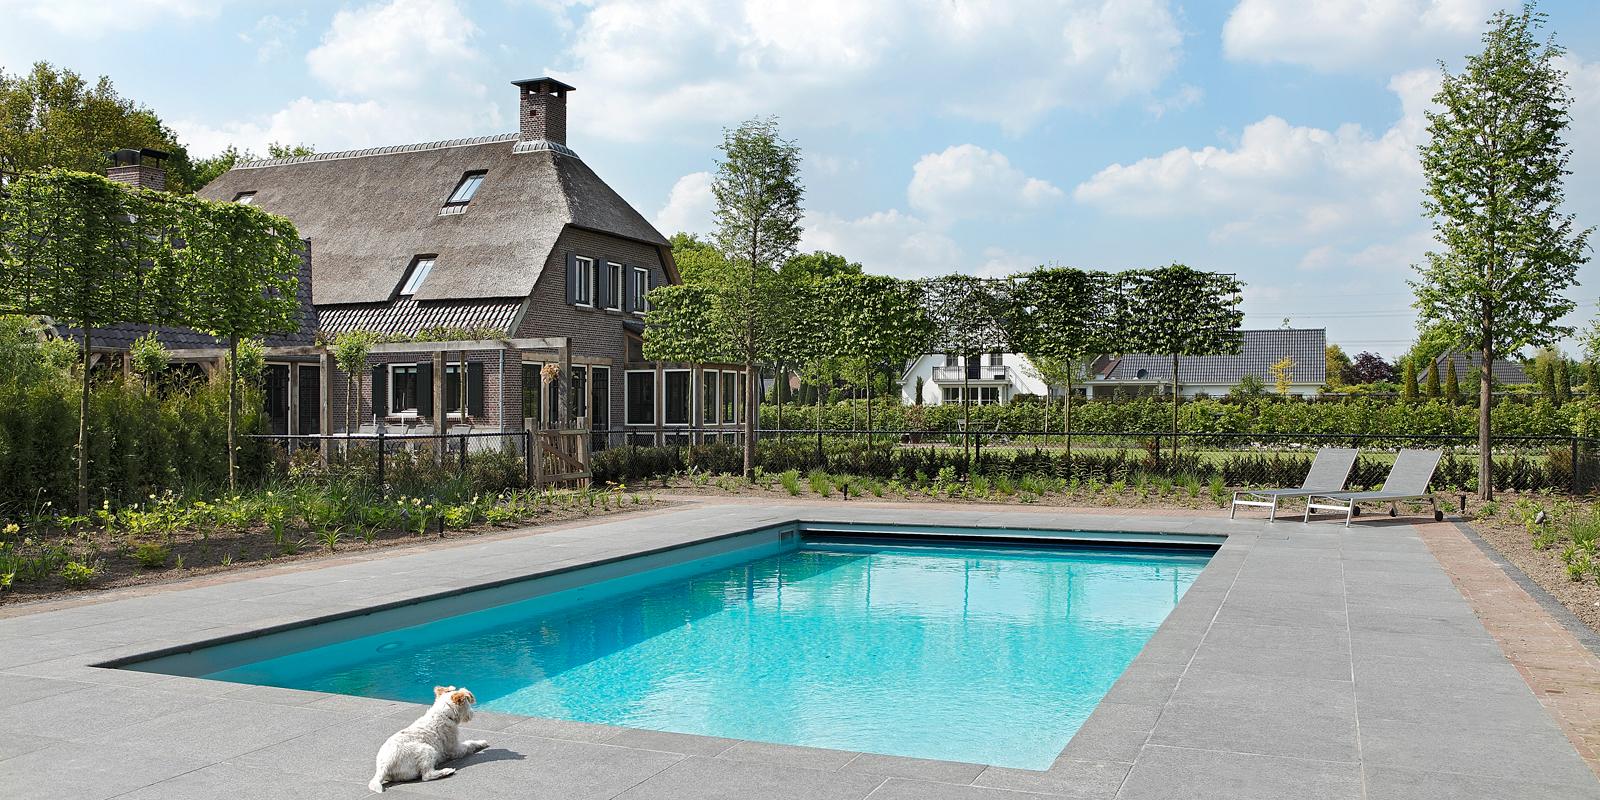 The Art of Living, Exclusief wonen, Zwembad, Zwedak recreatiebouw bv, Fons Linders, tuin, boerderij, rietendak